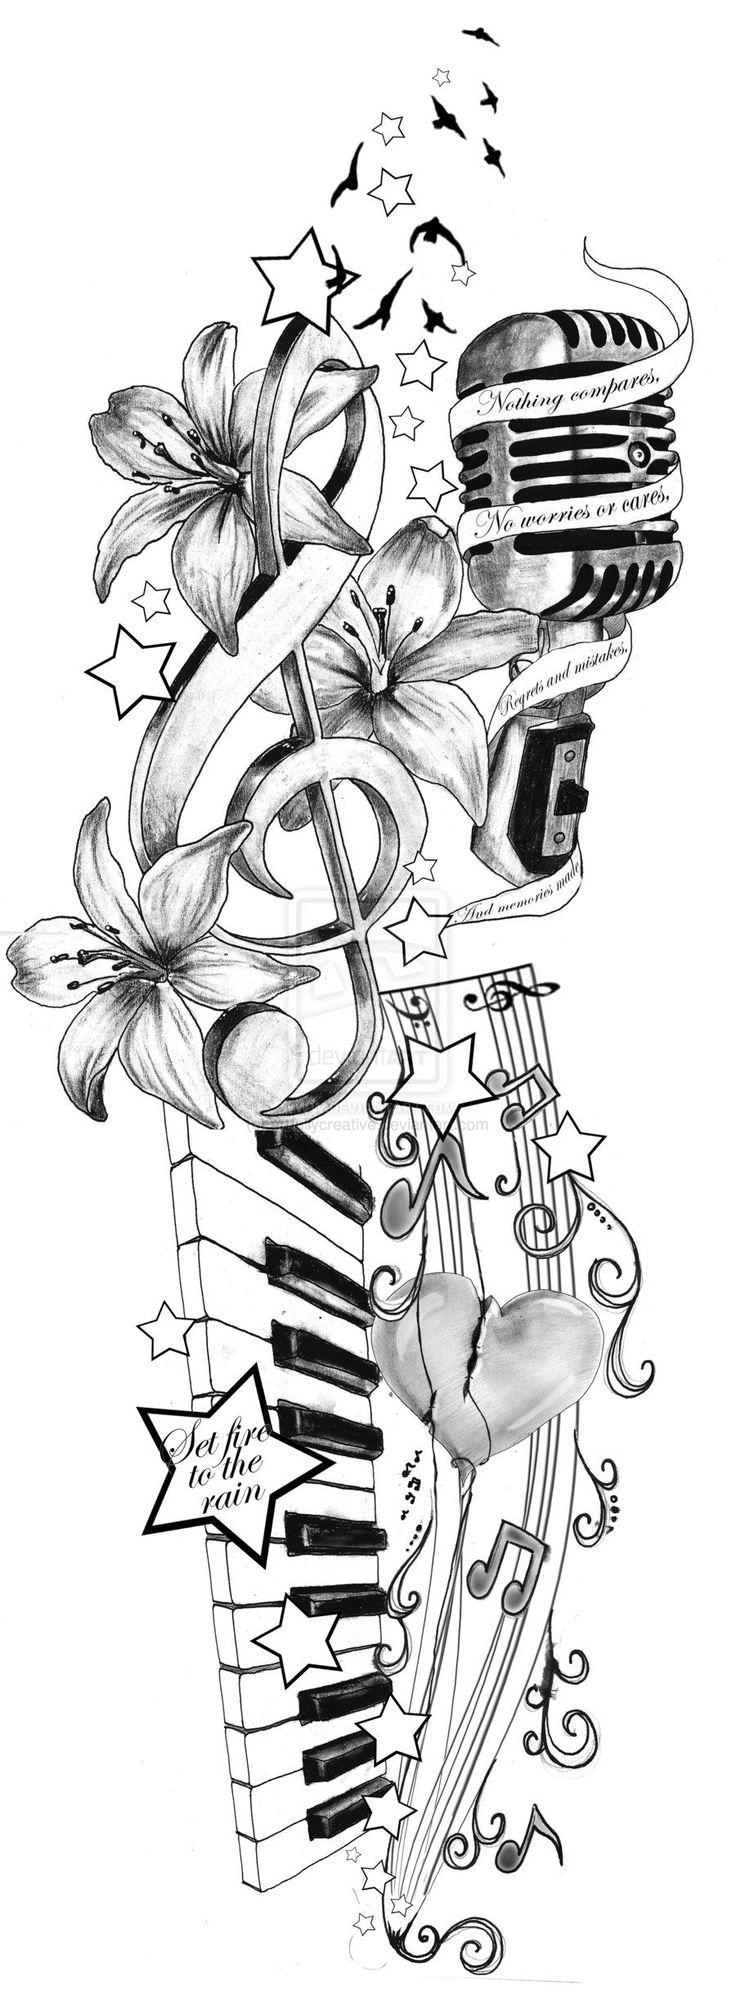 Adele inspirierte Tattoo-Idee von artfullycreative.deviantart.com auf @deviantART #MusicTattooIdeas